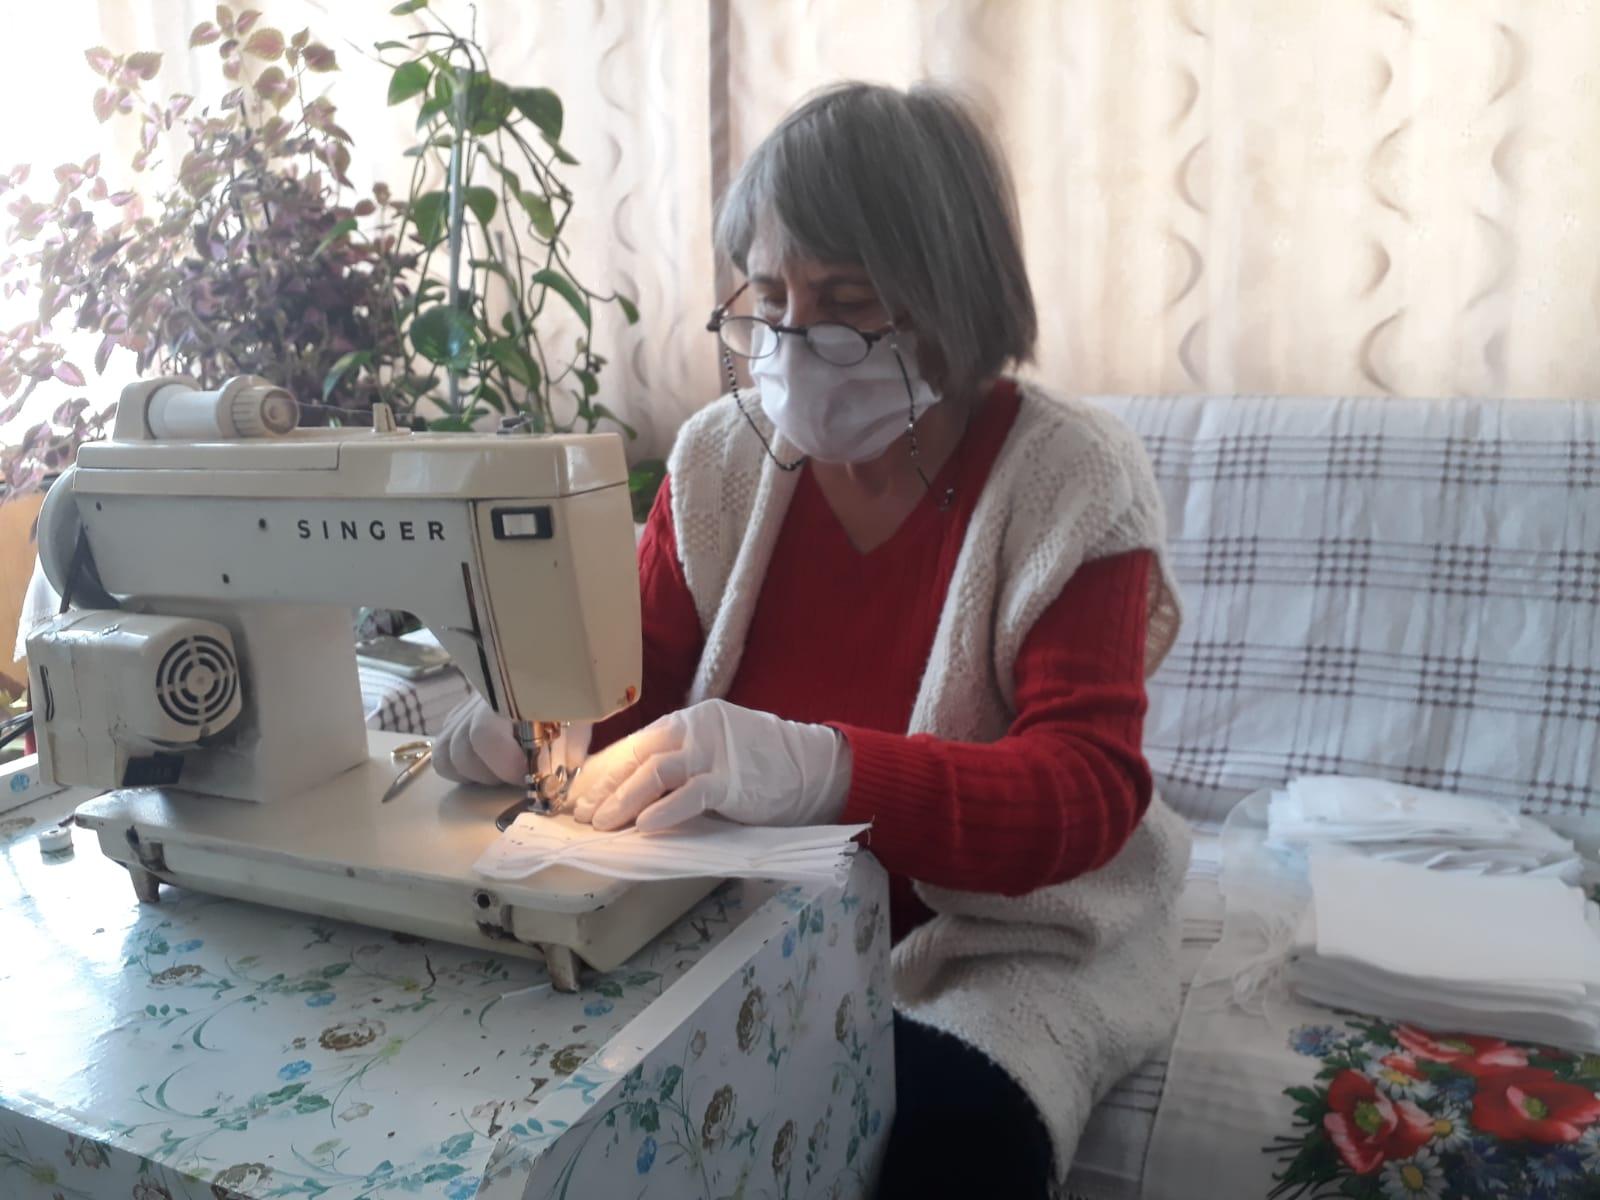 Ayvalık'ta Kadınlar Maske Dikimi İçin Seferber Oldu